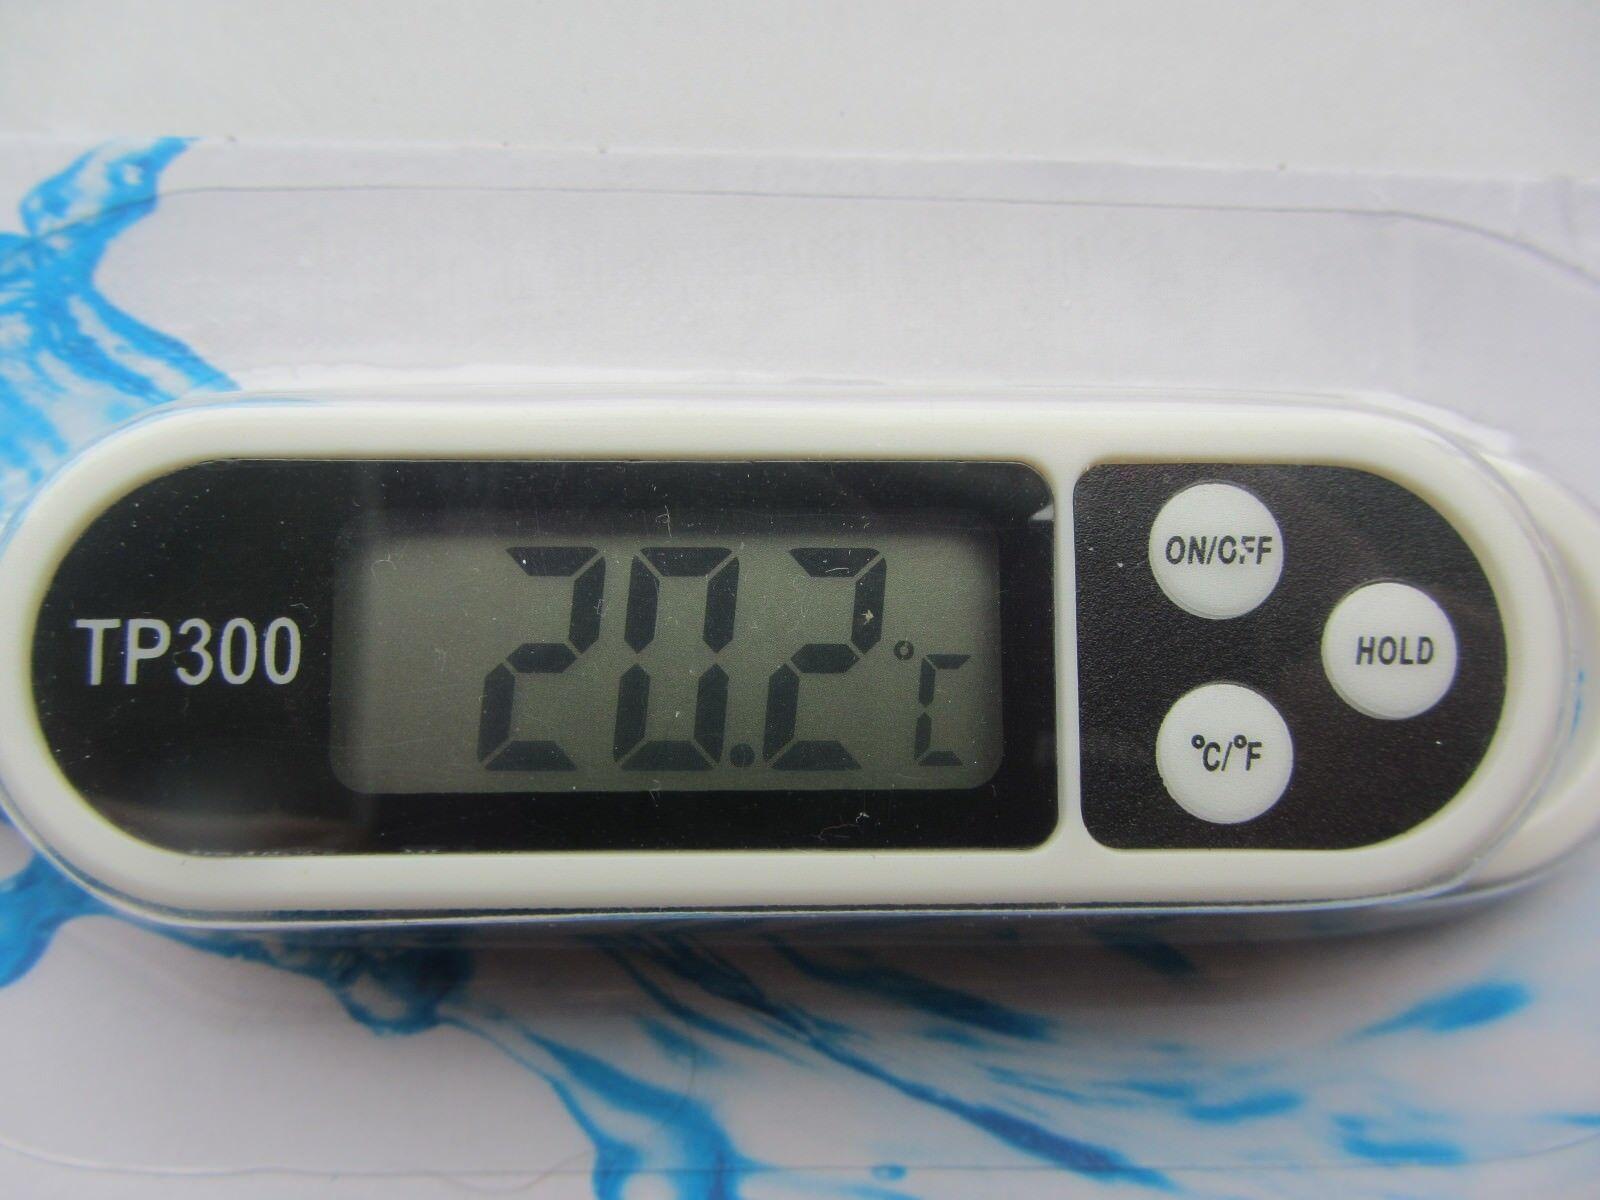 Digital Grillthermometer Küchenthermometer große Zahlen